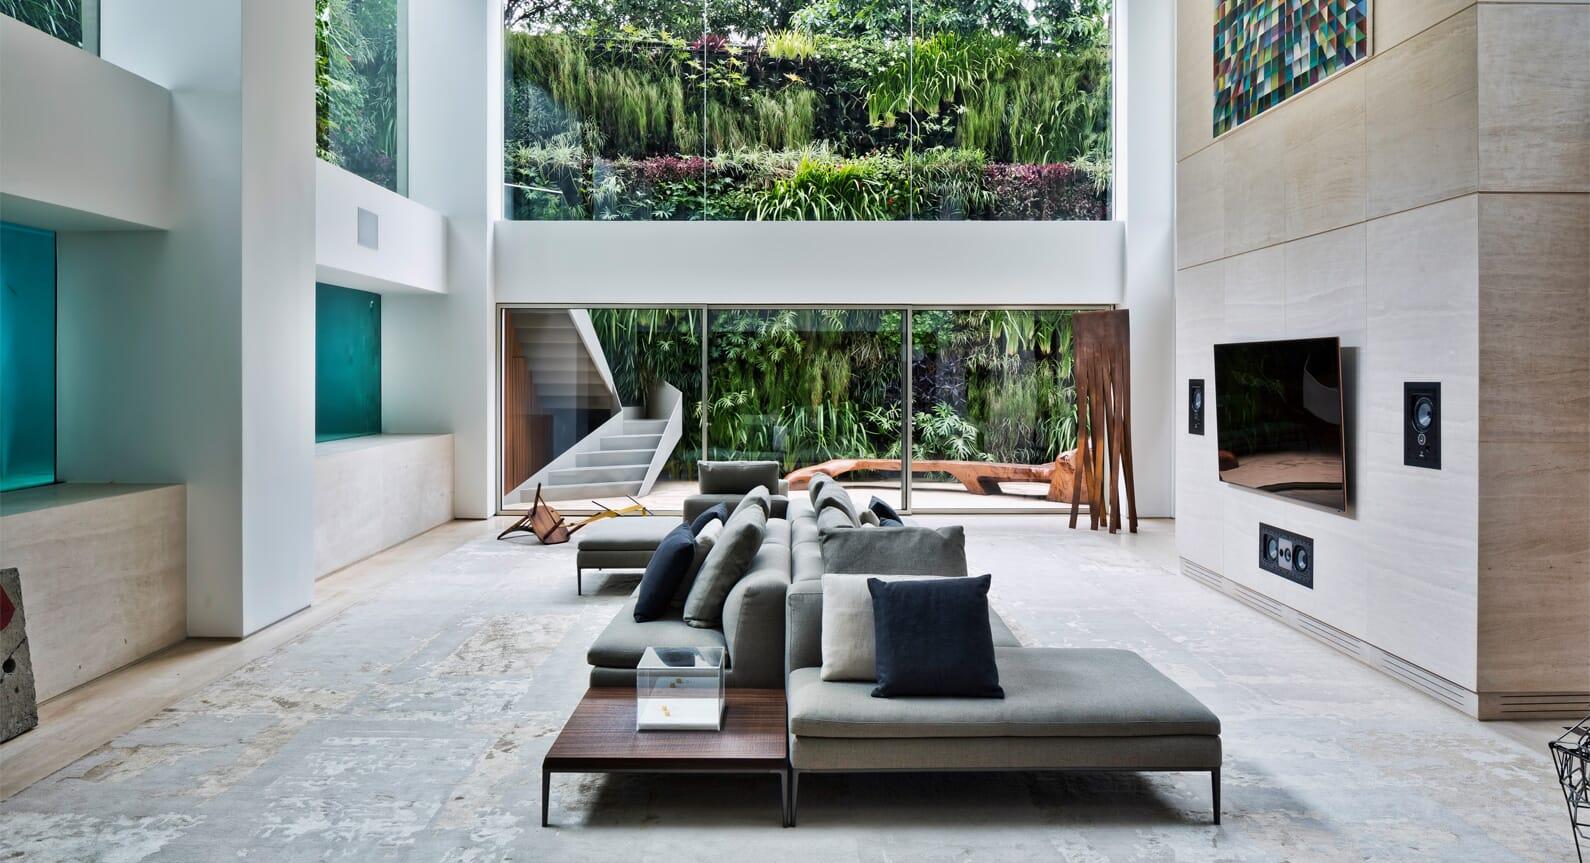 Fernanda Marques Installs A Swimming Pool Into A Brazilian Apartment